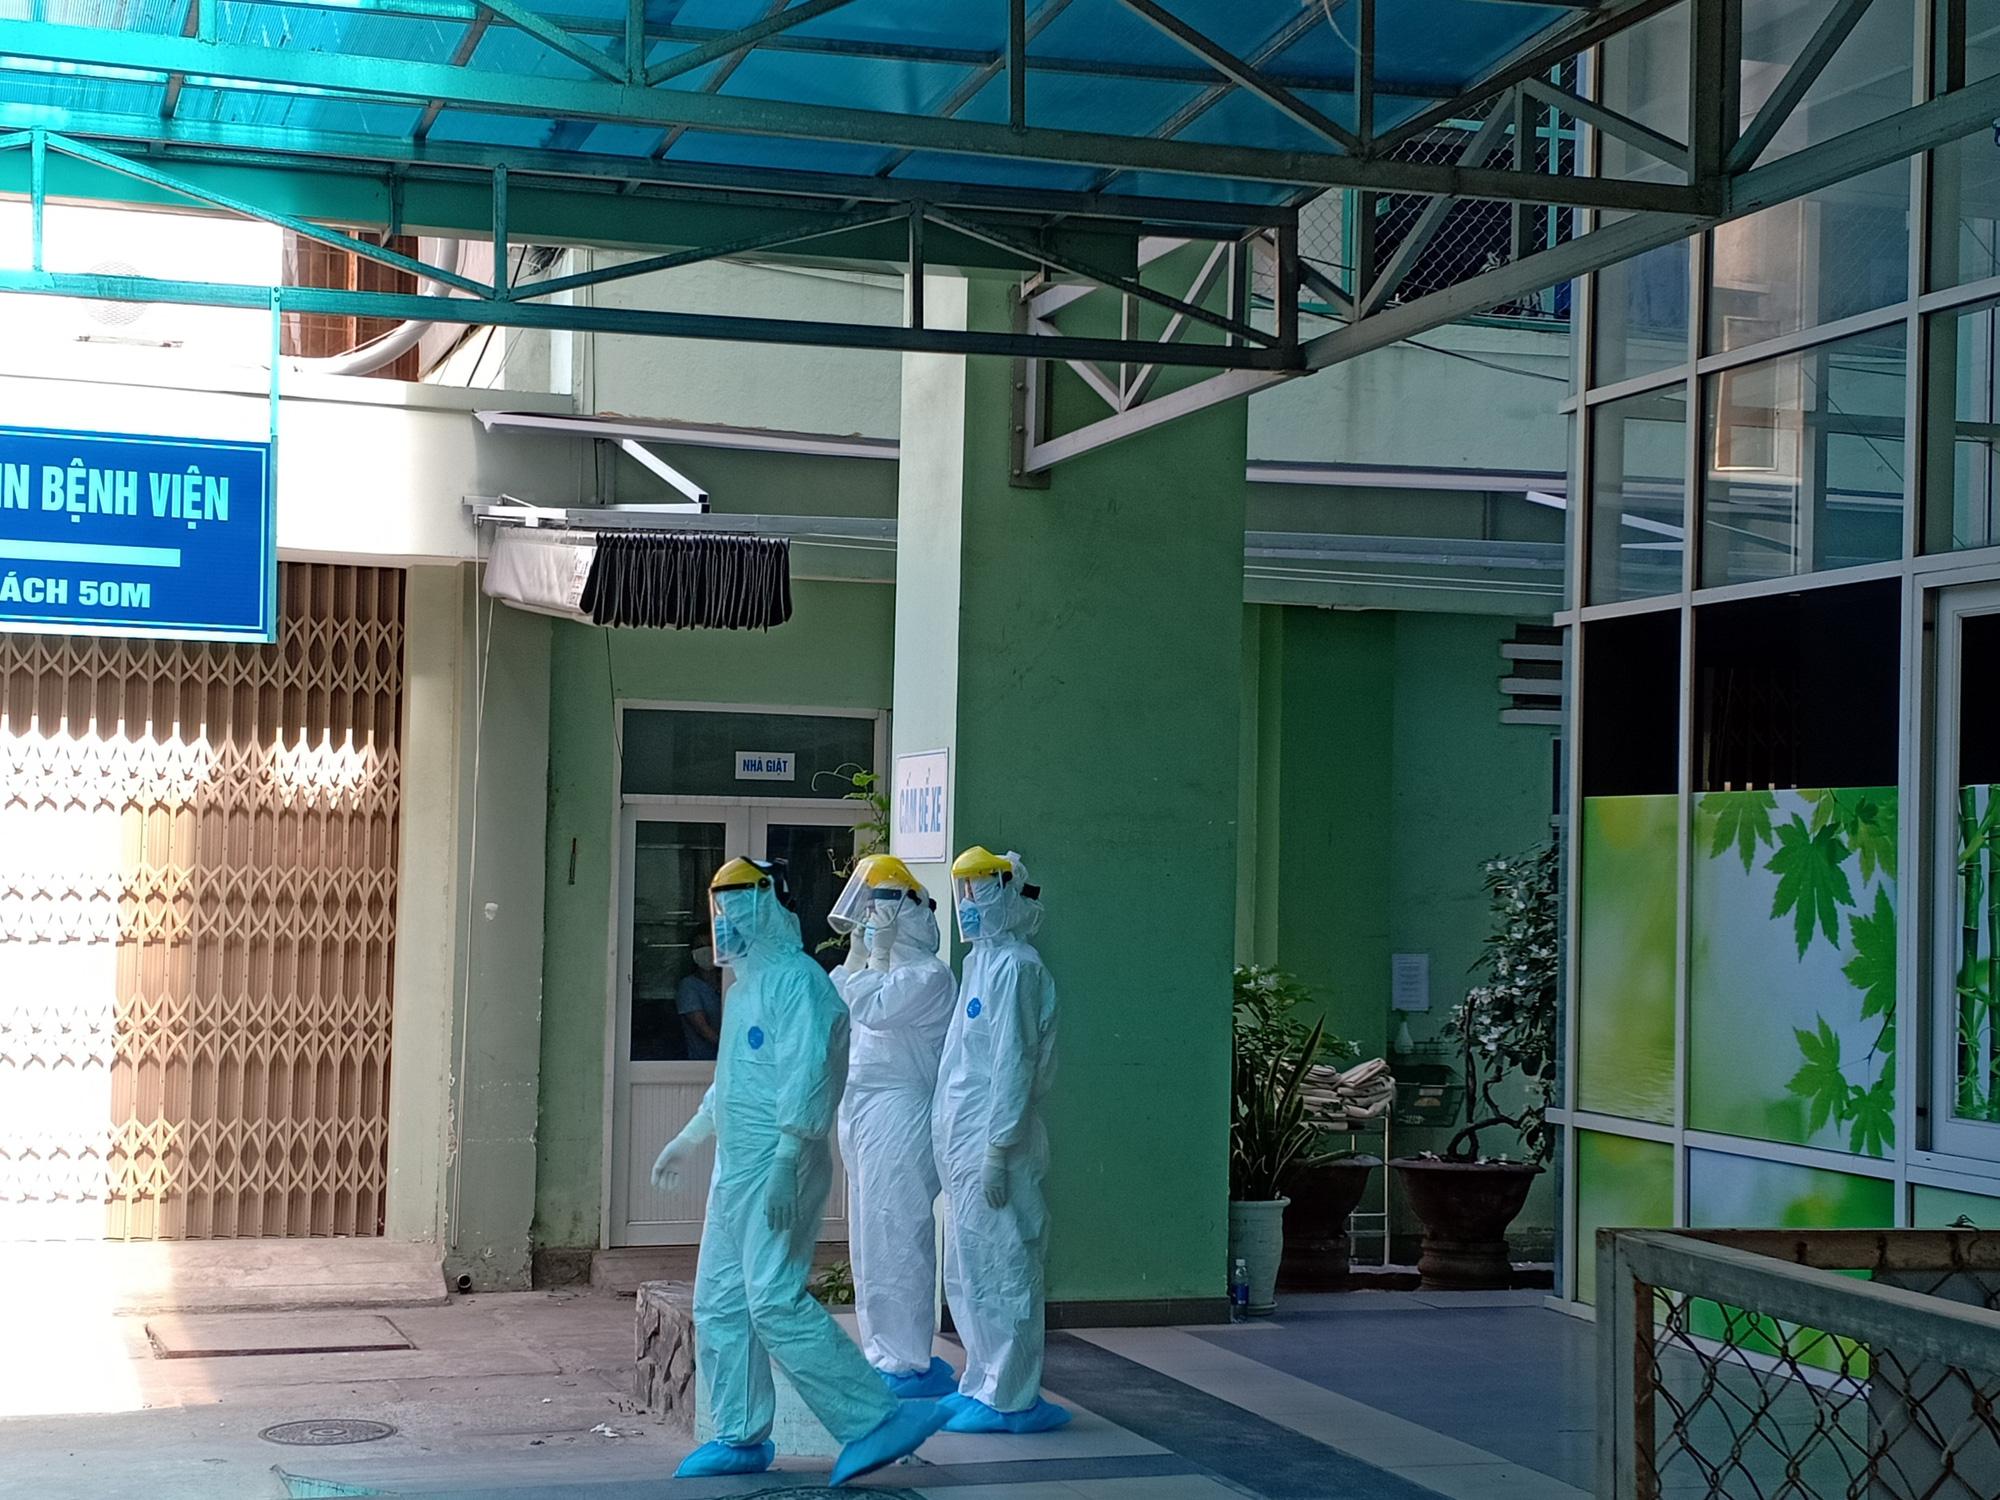 Bệnh nhân Covid 19 thứ 420: Thăm con gái ở TP.HCM, đi chợ đầu mối Đà Nẵng - Ảnh 1.